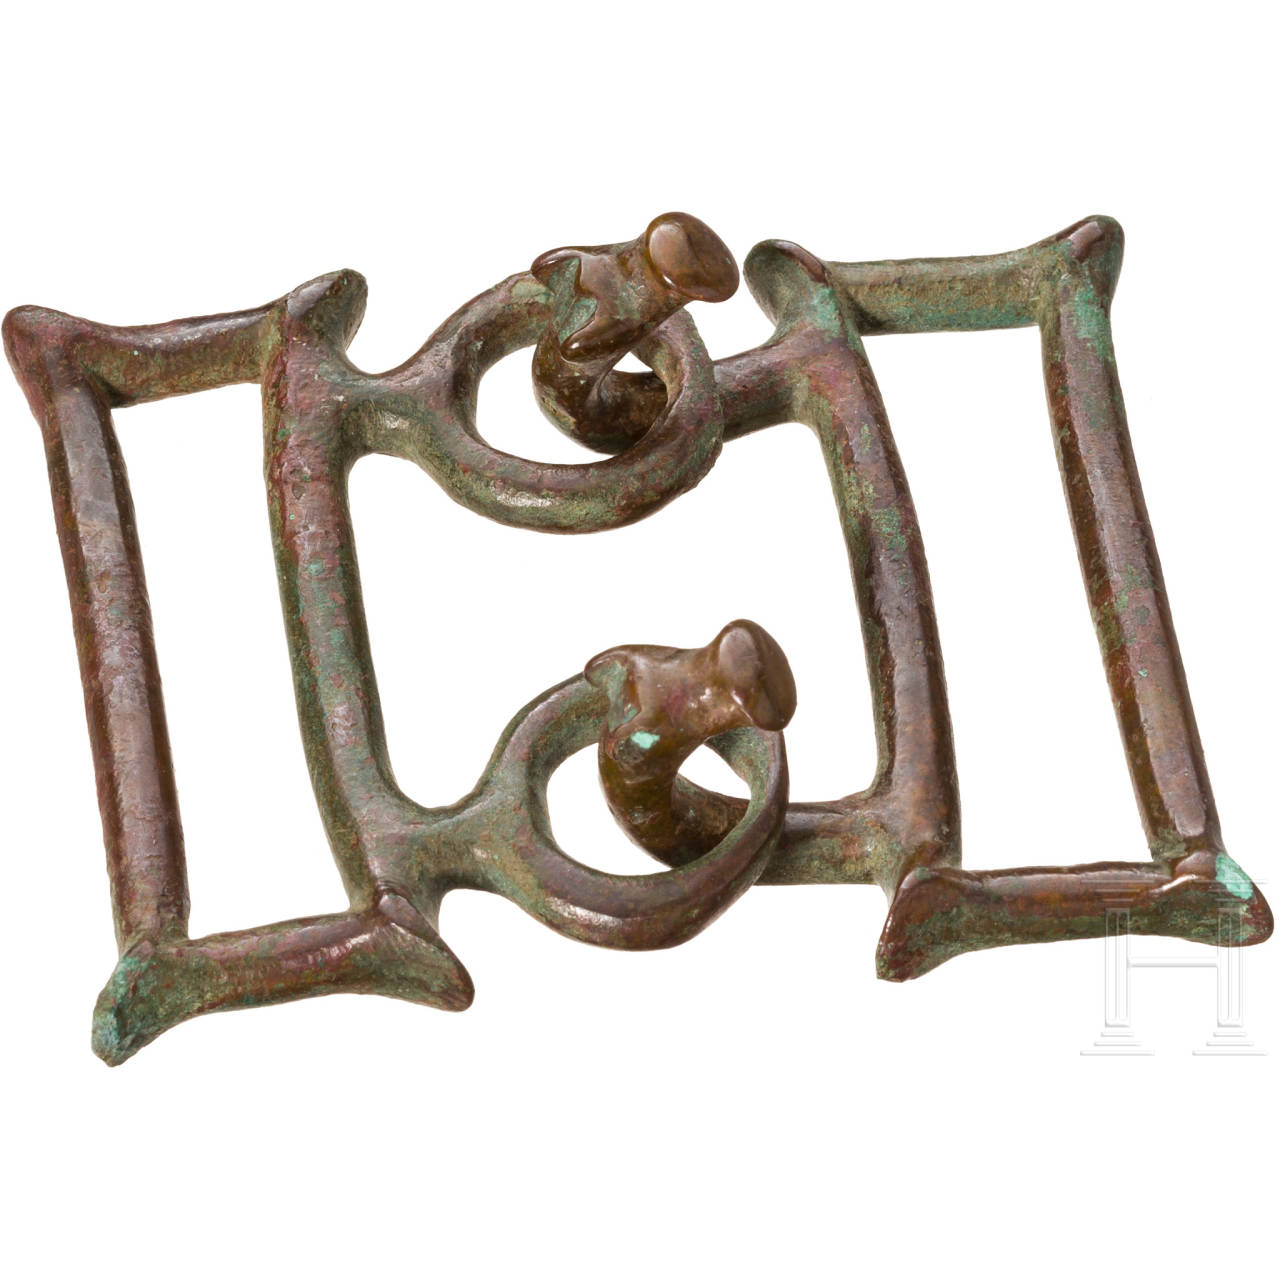 Gürtelhaken, etruskisch, 7. Jhdt. v. Chr.